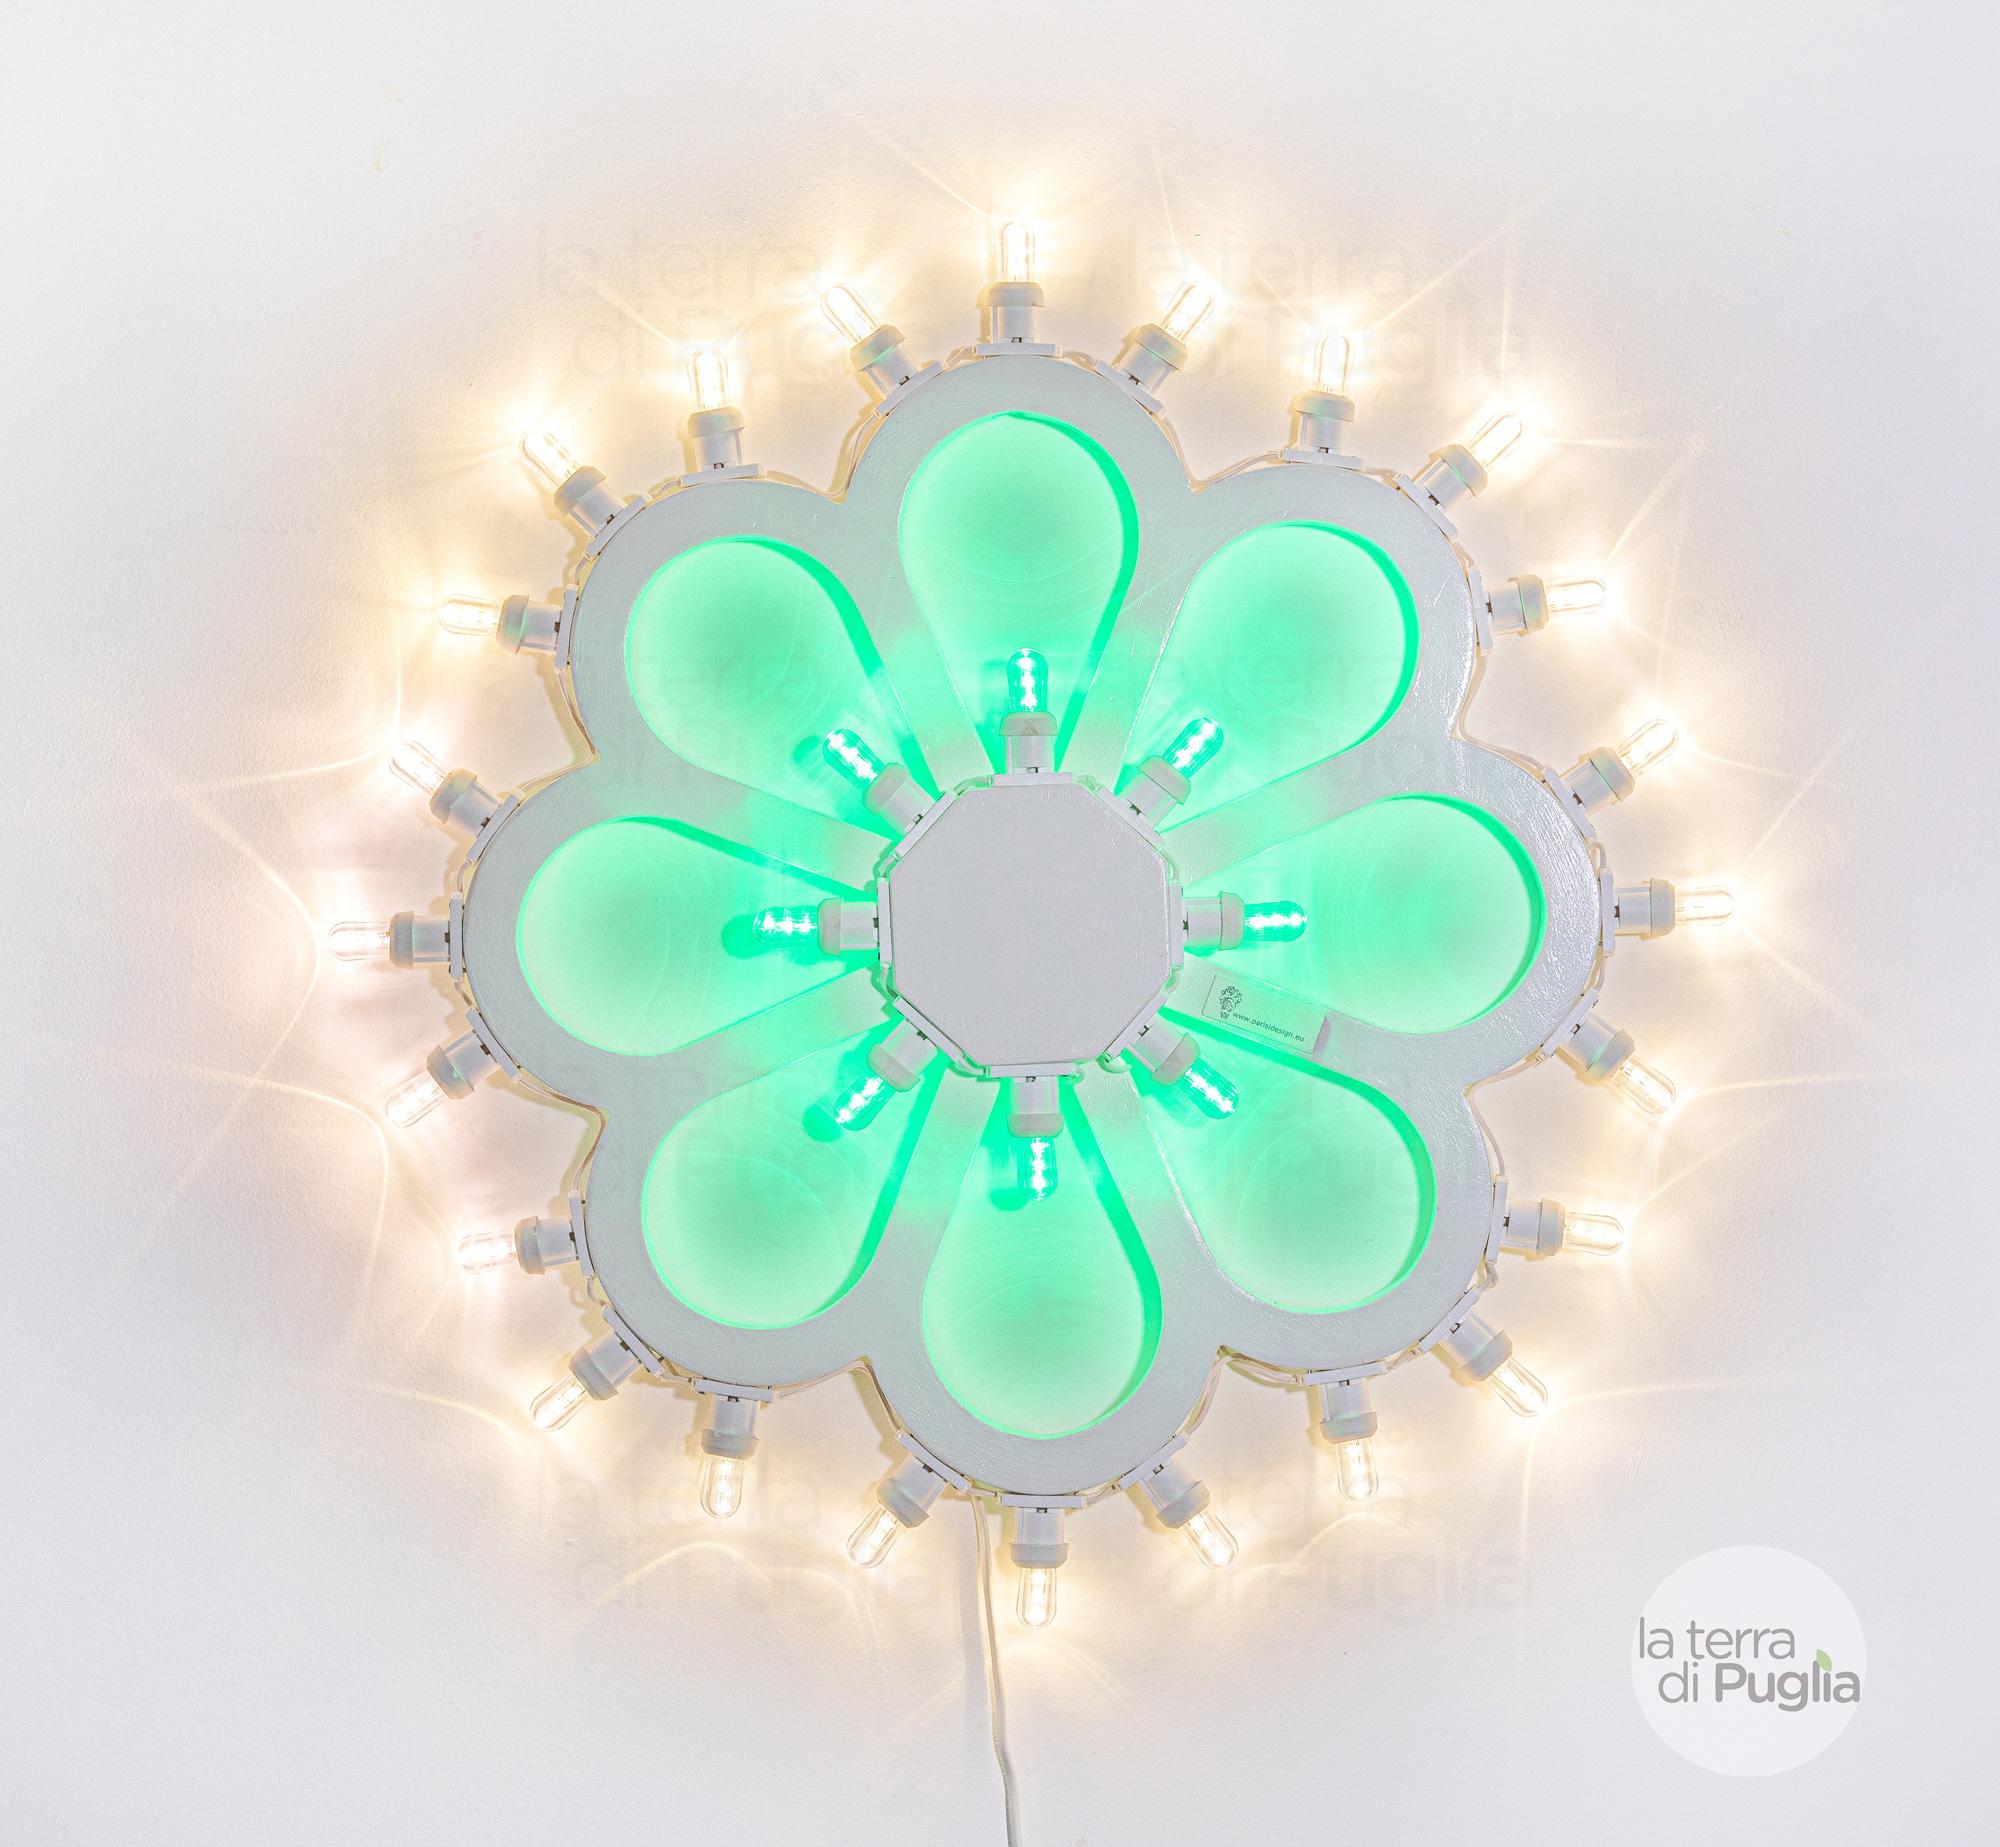 luminaria-fiore-completo-bianca